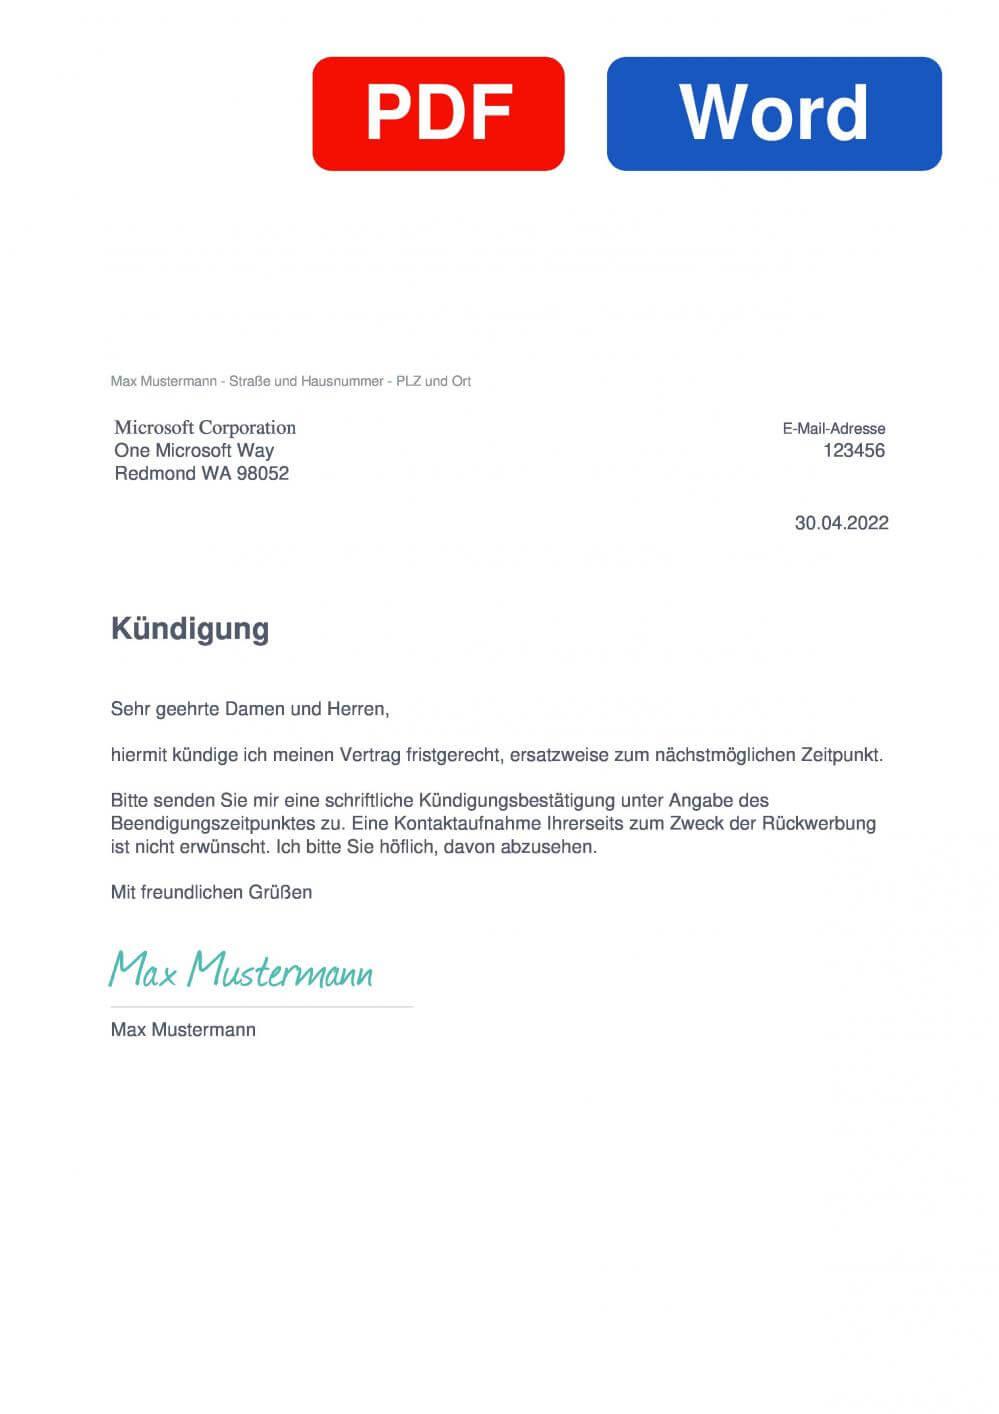 Hotmail Muster Vorlage für Kündigungsschreiben